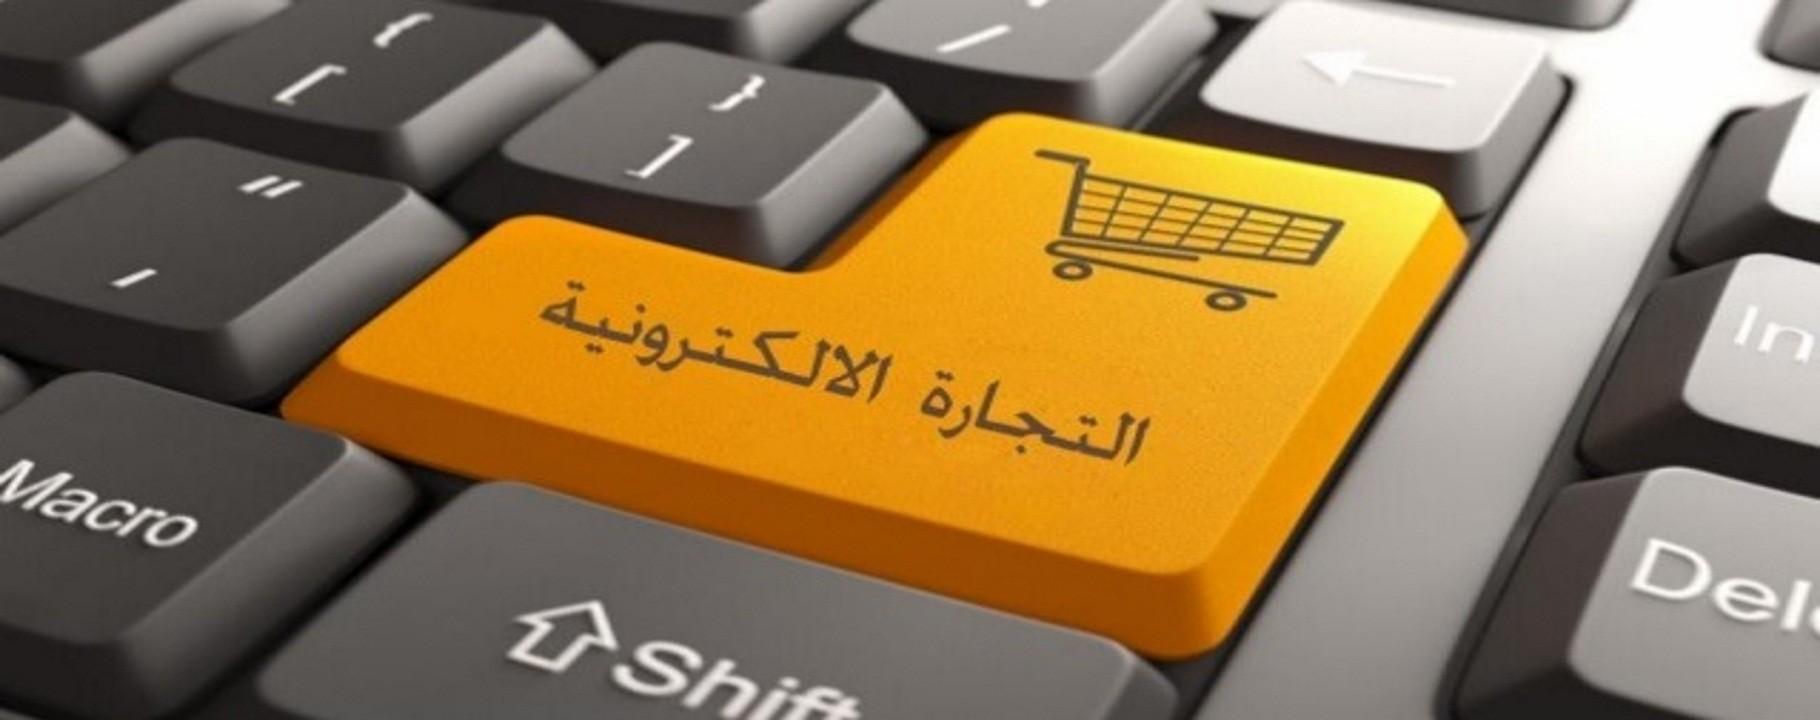 مفوض الاتحاد الأفريقى: التجارة الإلكترونية تشهد نمو ضخما وتصل قيمتها ل50 مليار دولار